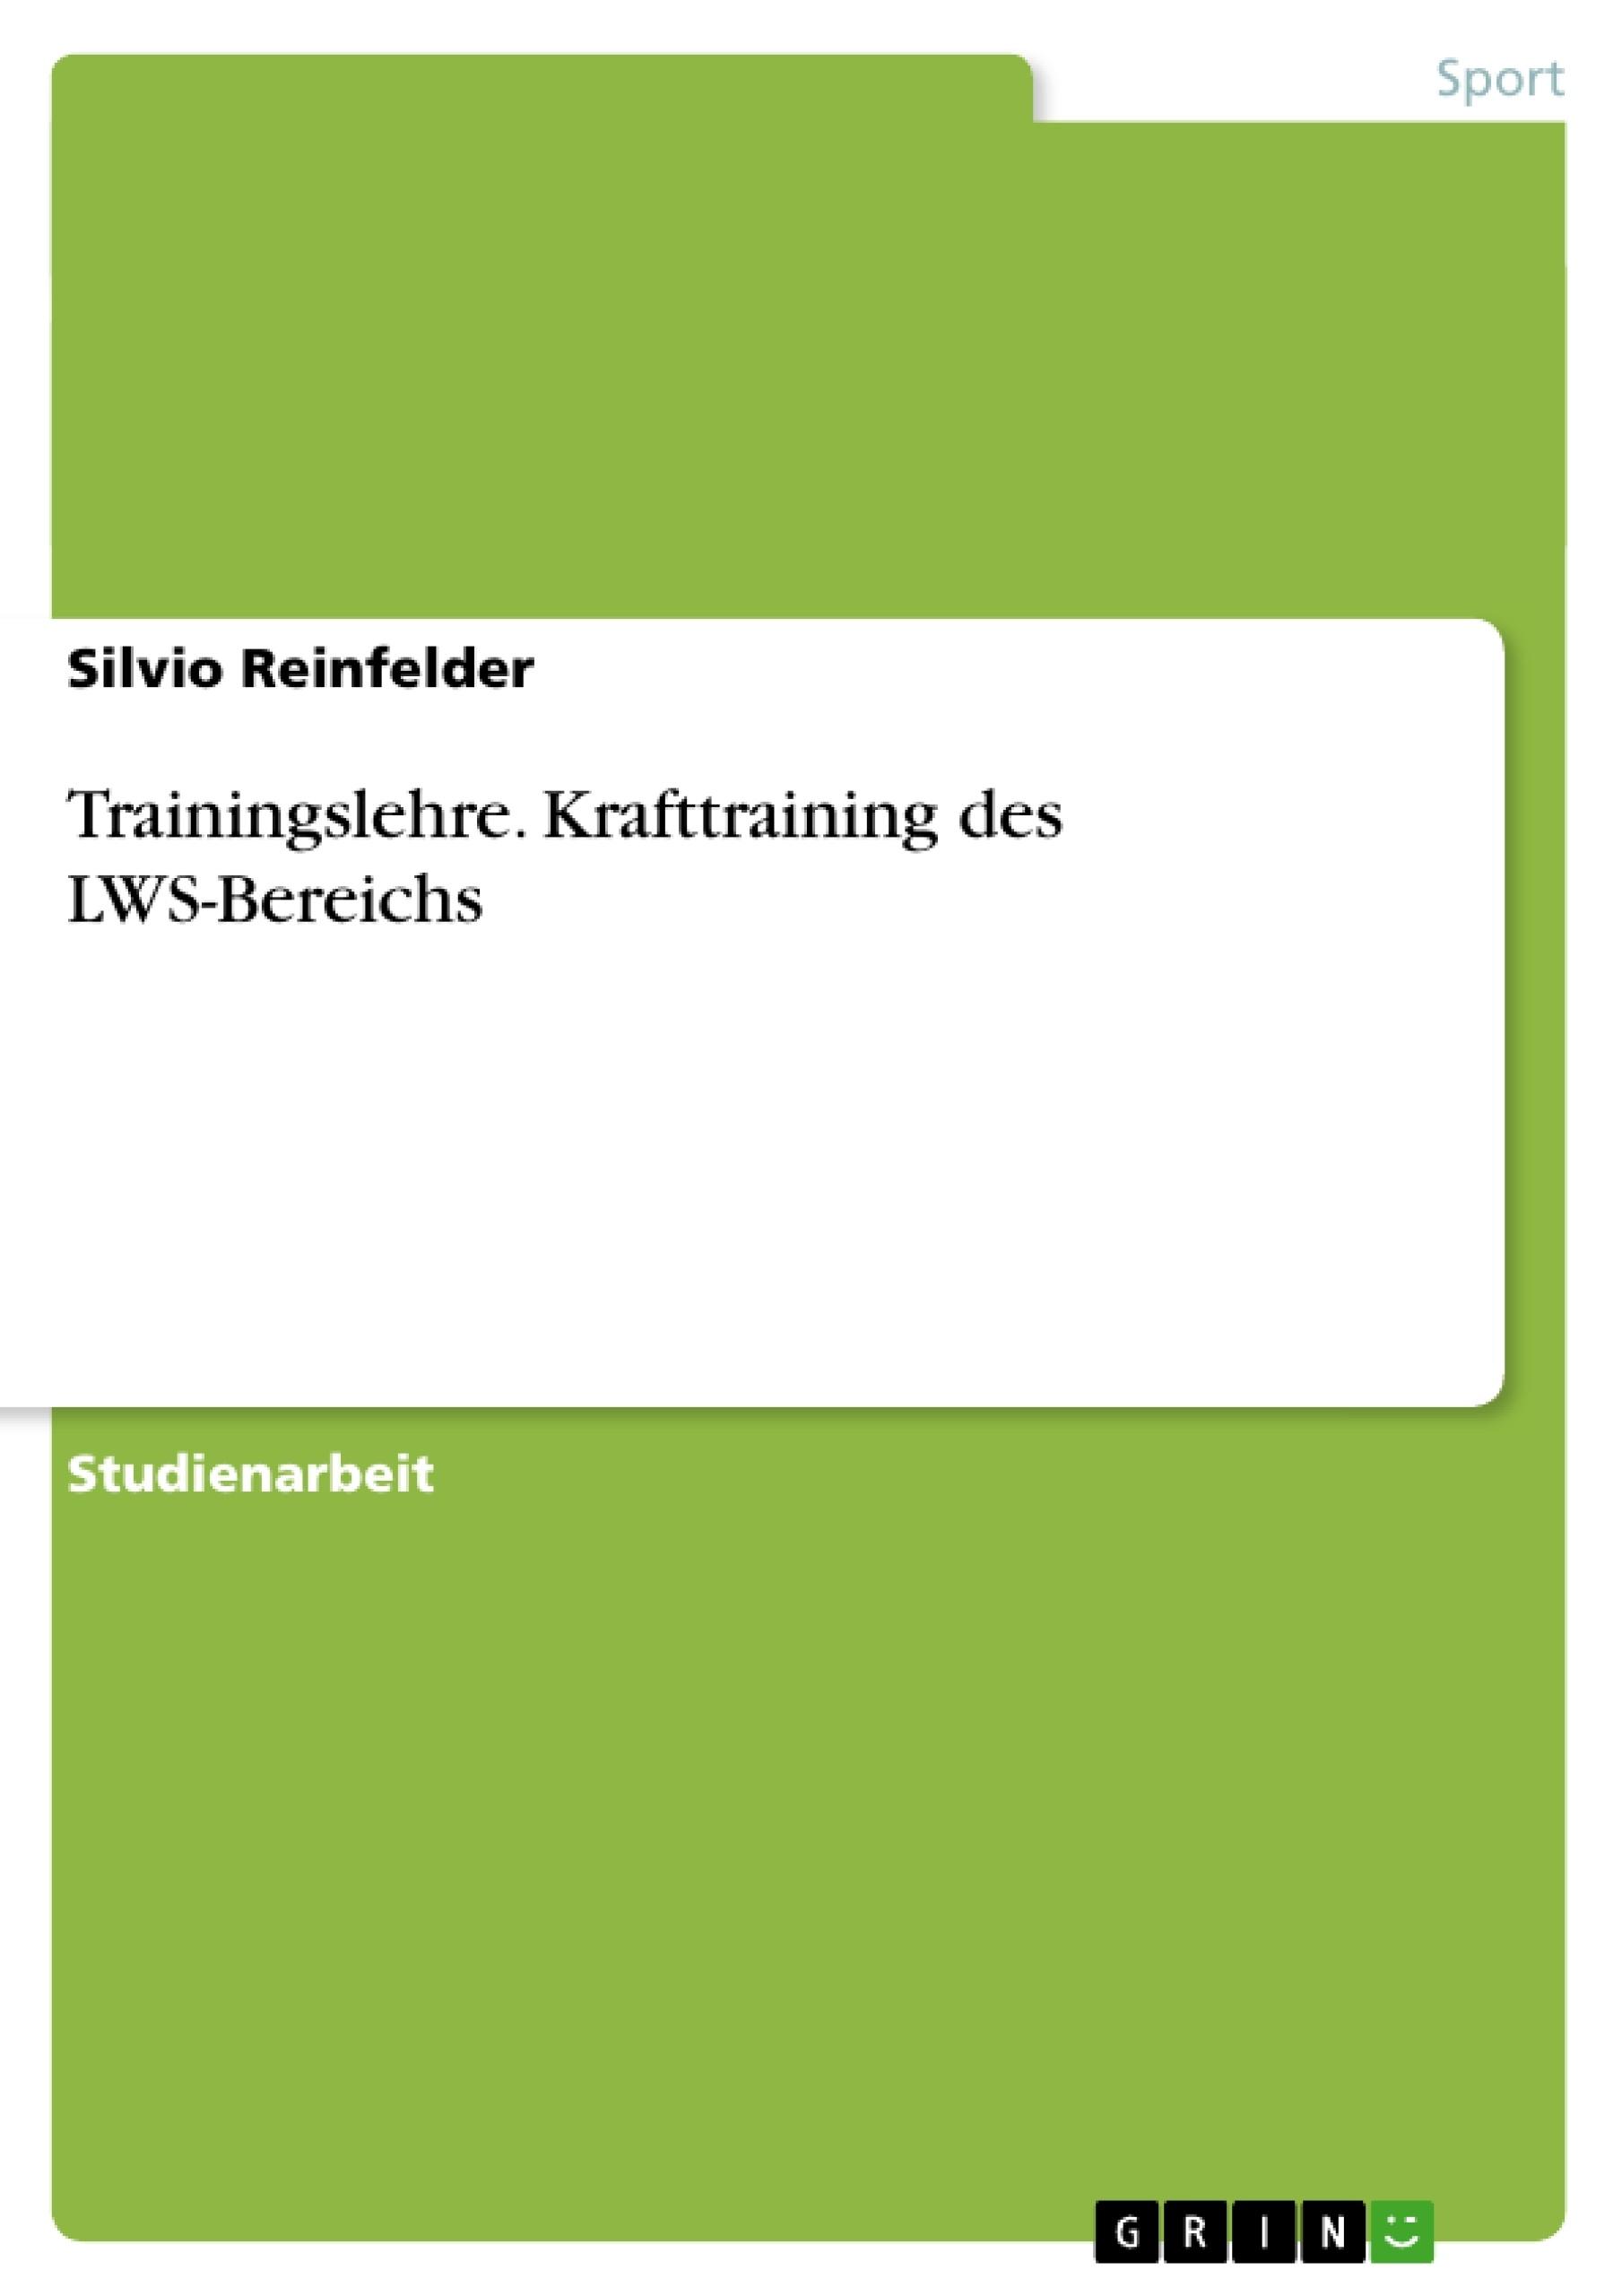 Titel: Trainingslehre. Krafttraining des LWS-Bereichs